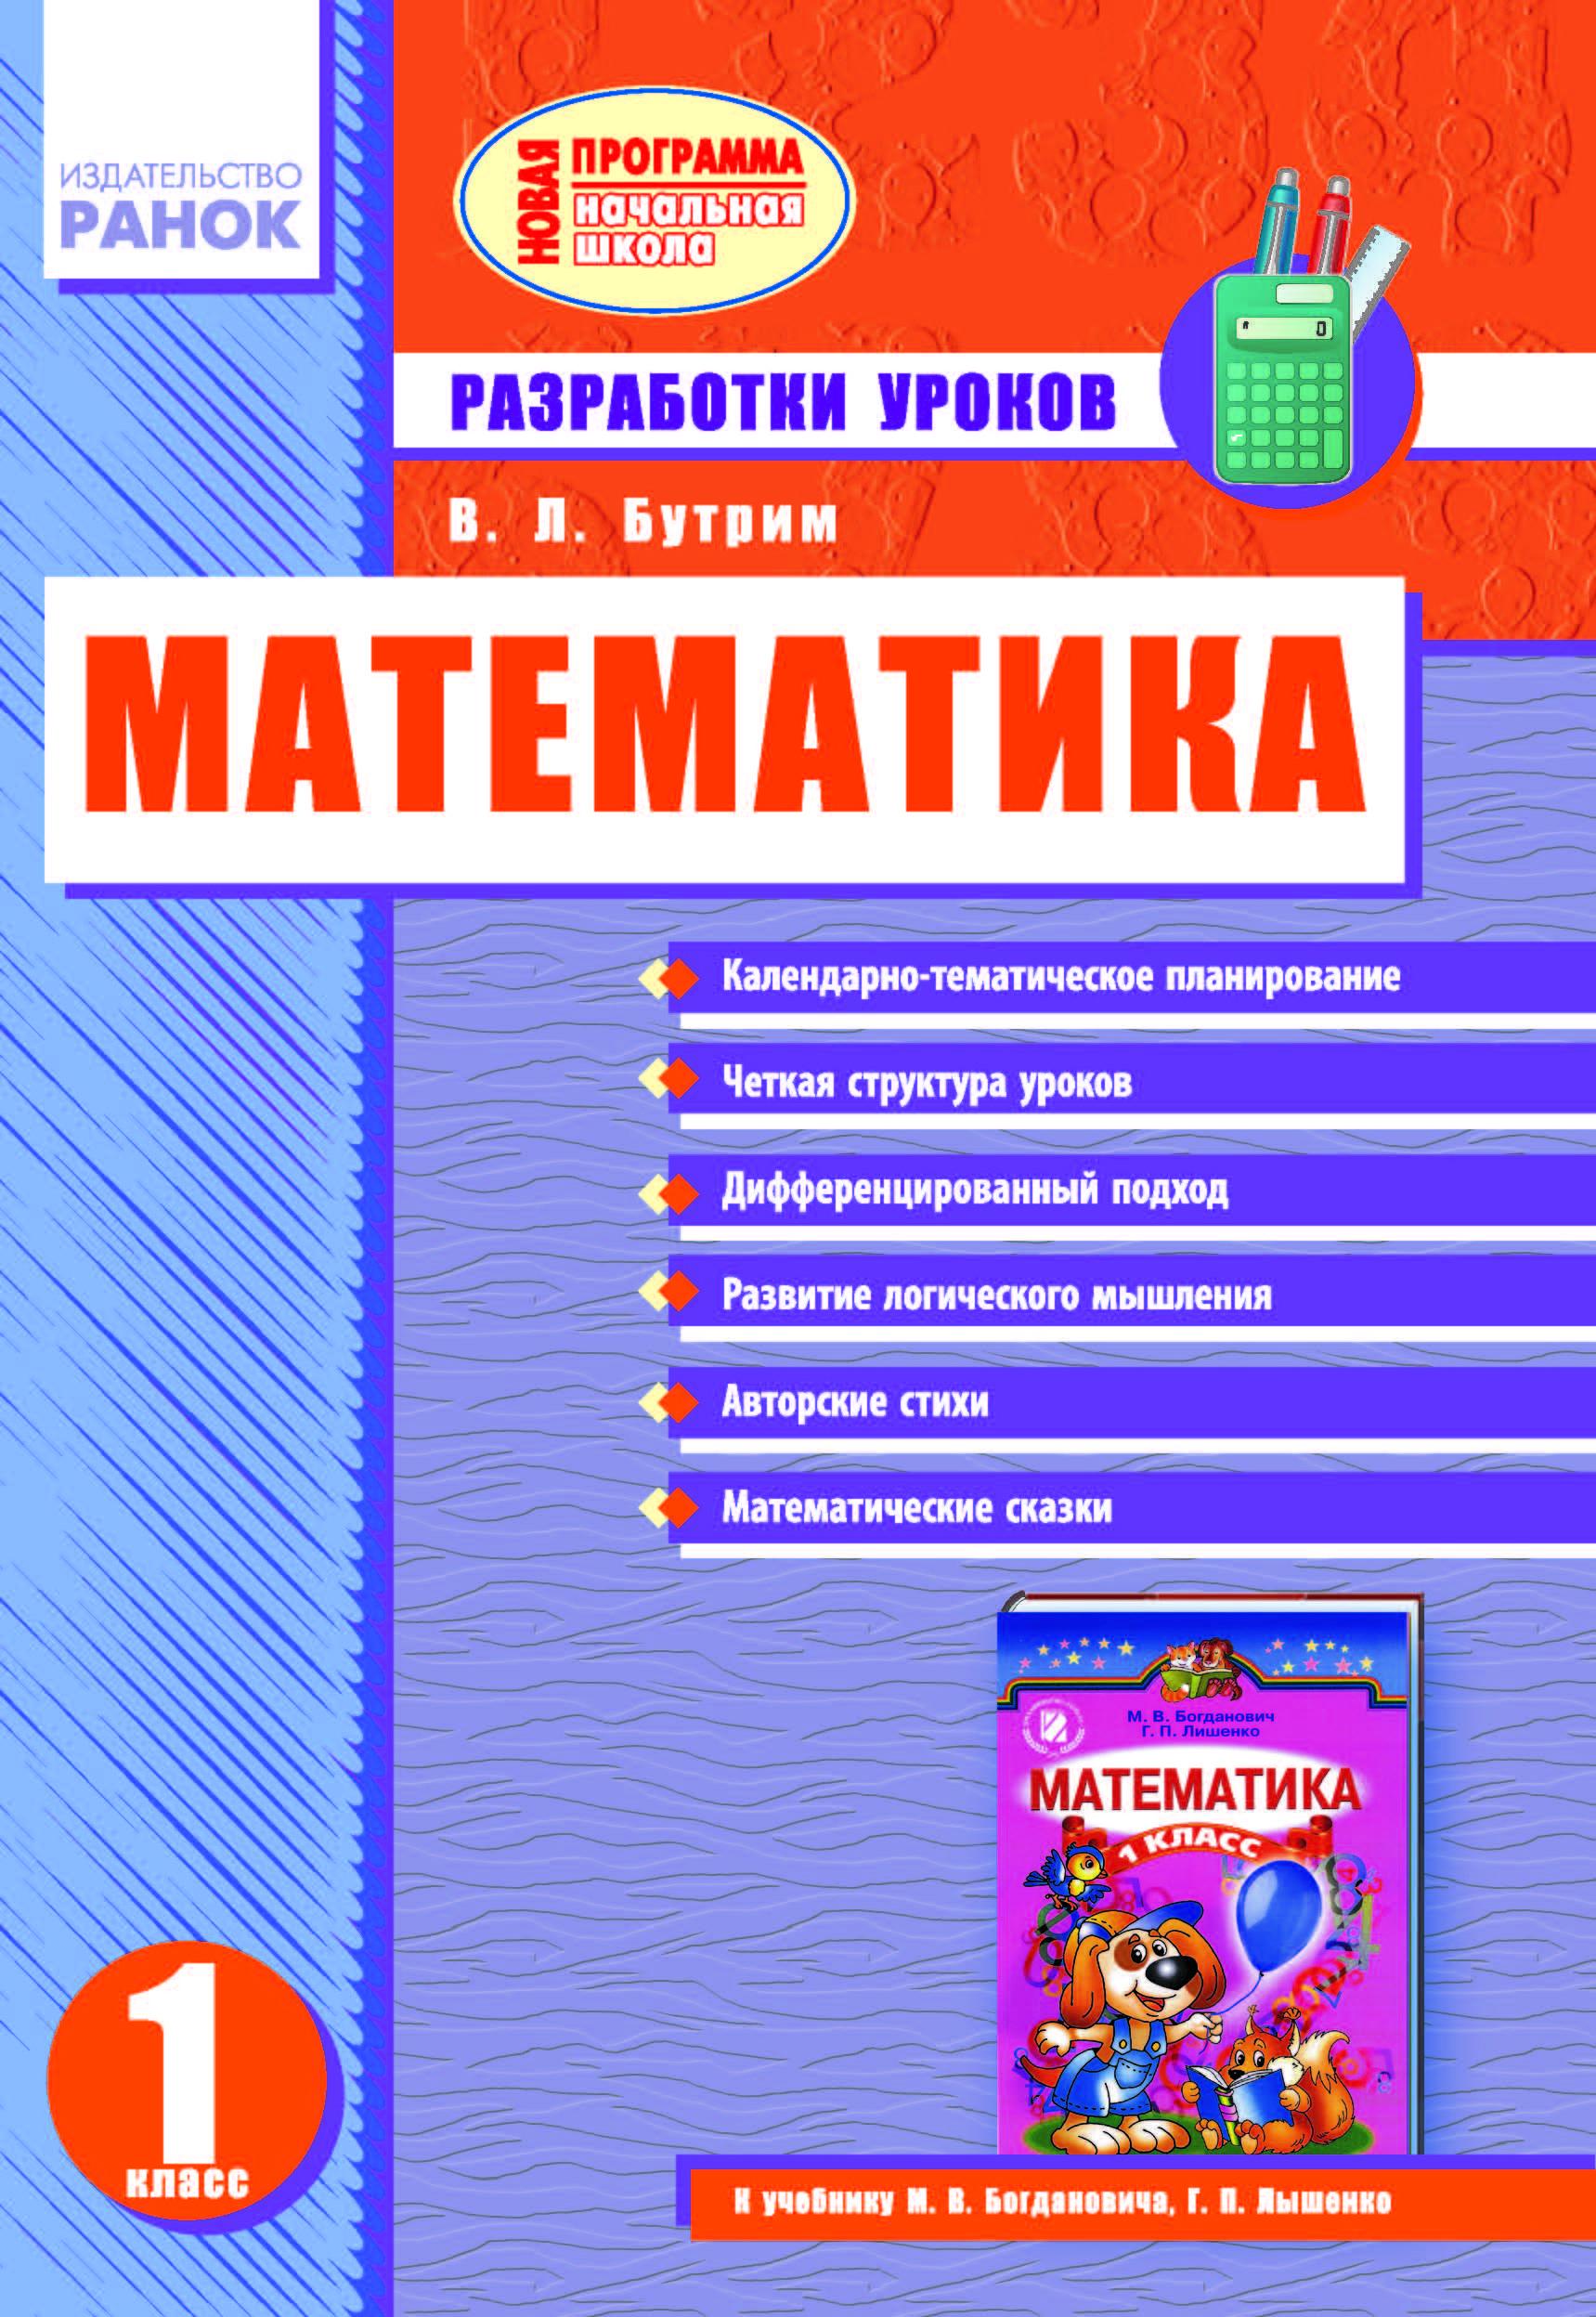 Учебник обж за 9 класс воробьев